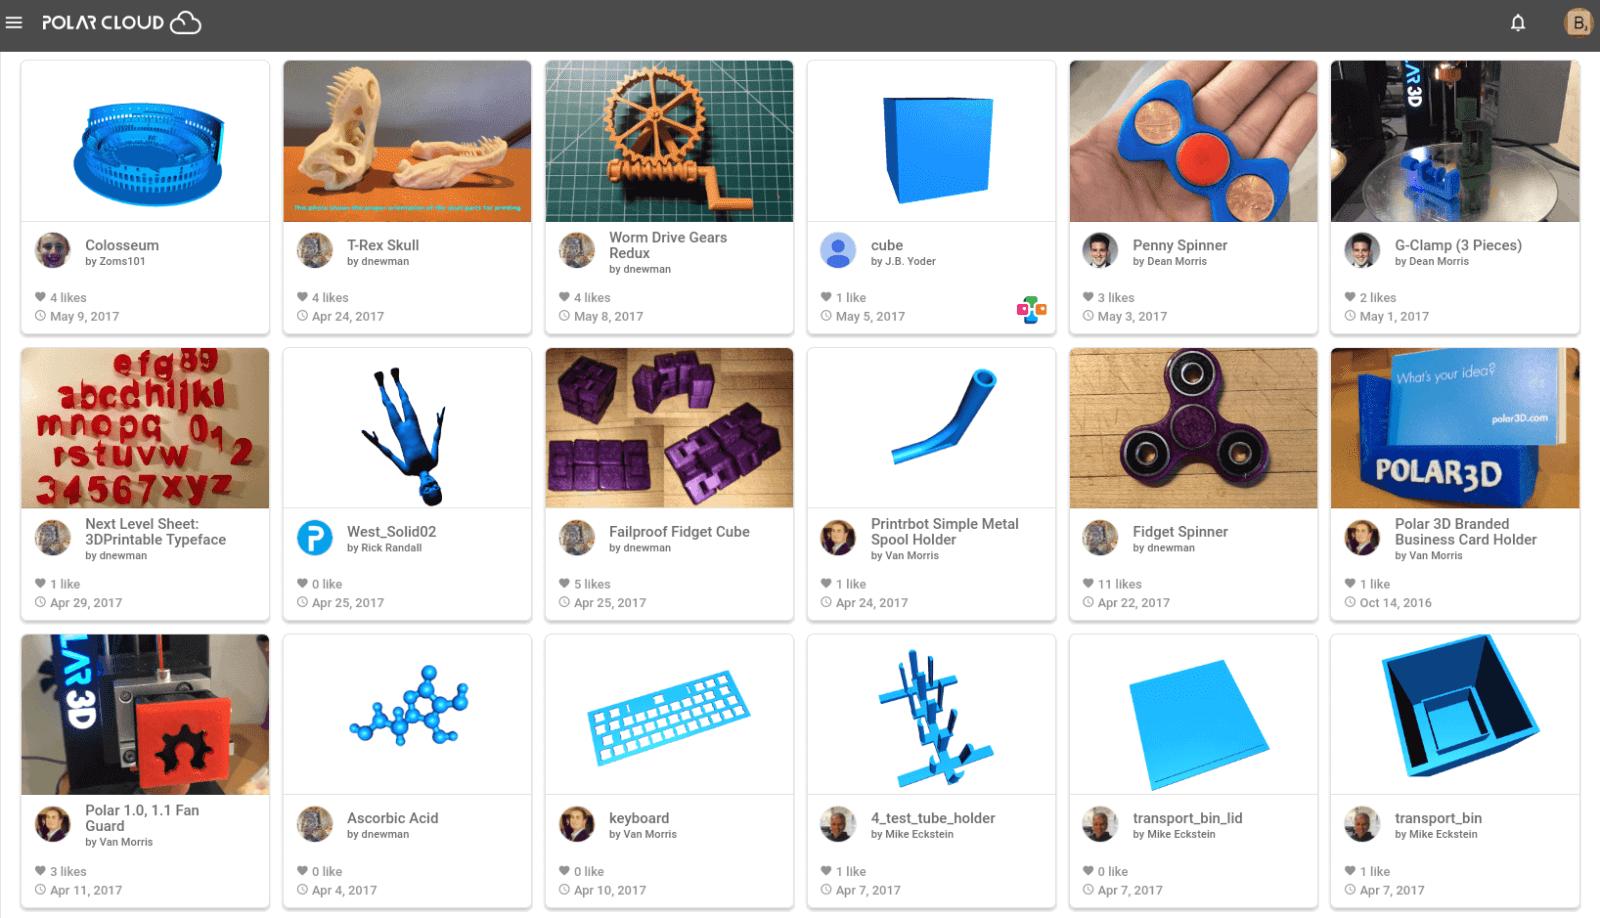 Бесплатные файлы STL, 3D-модели, файлы для 3D-принтера, 3D-модели для 3D-печати: Polar Cloud